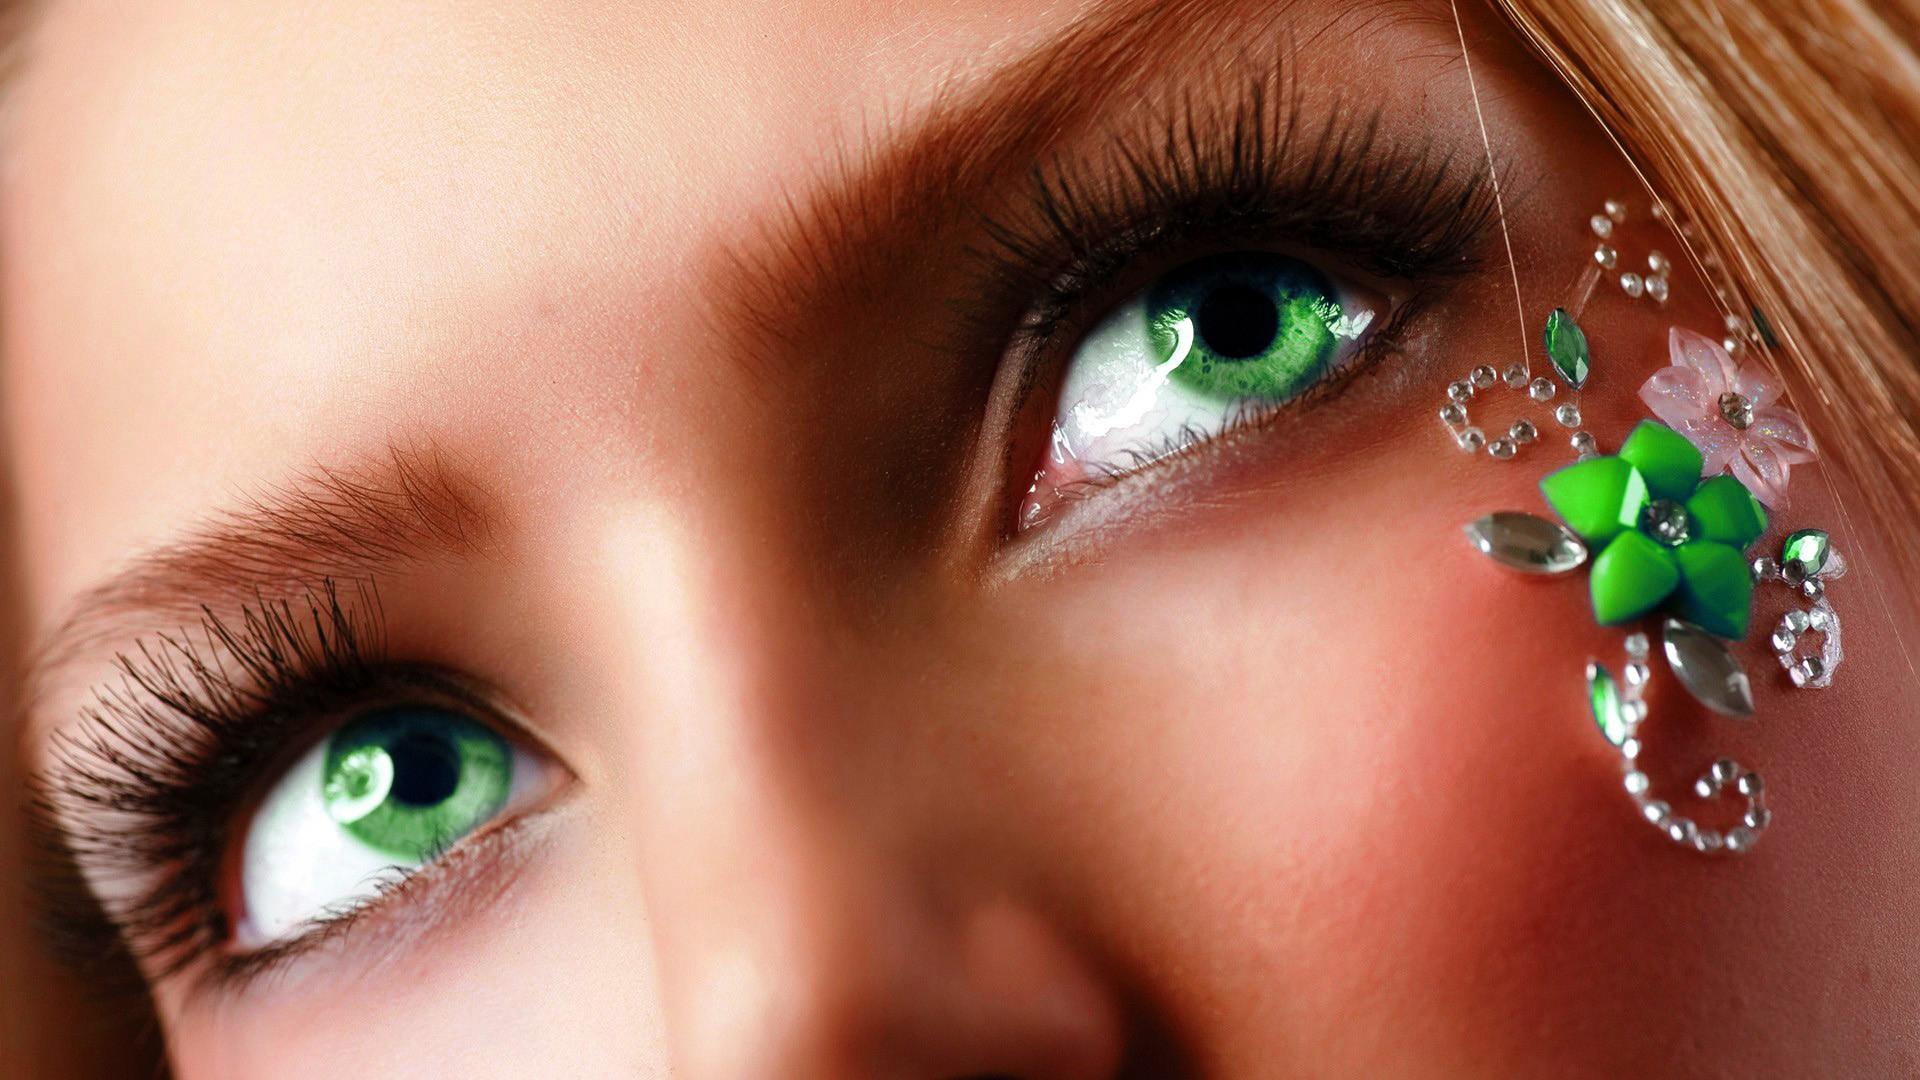 Зеленые глаза картинки прикольные, про нежность надписями